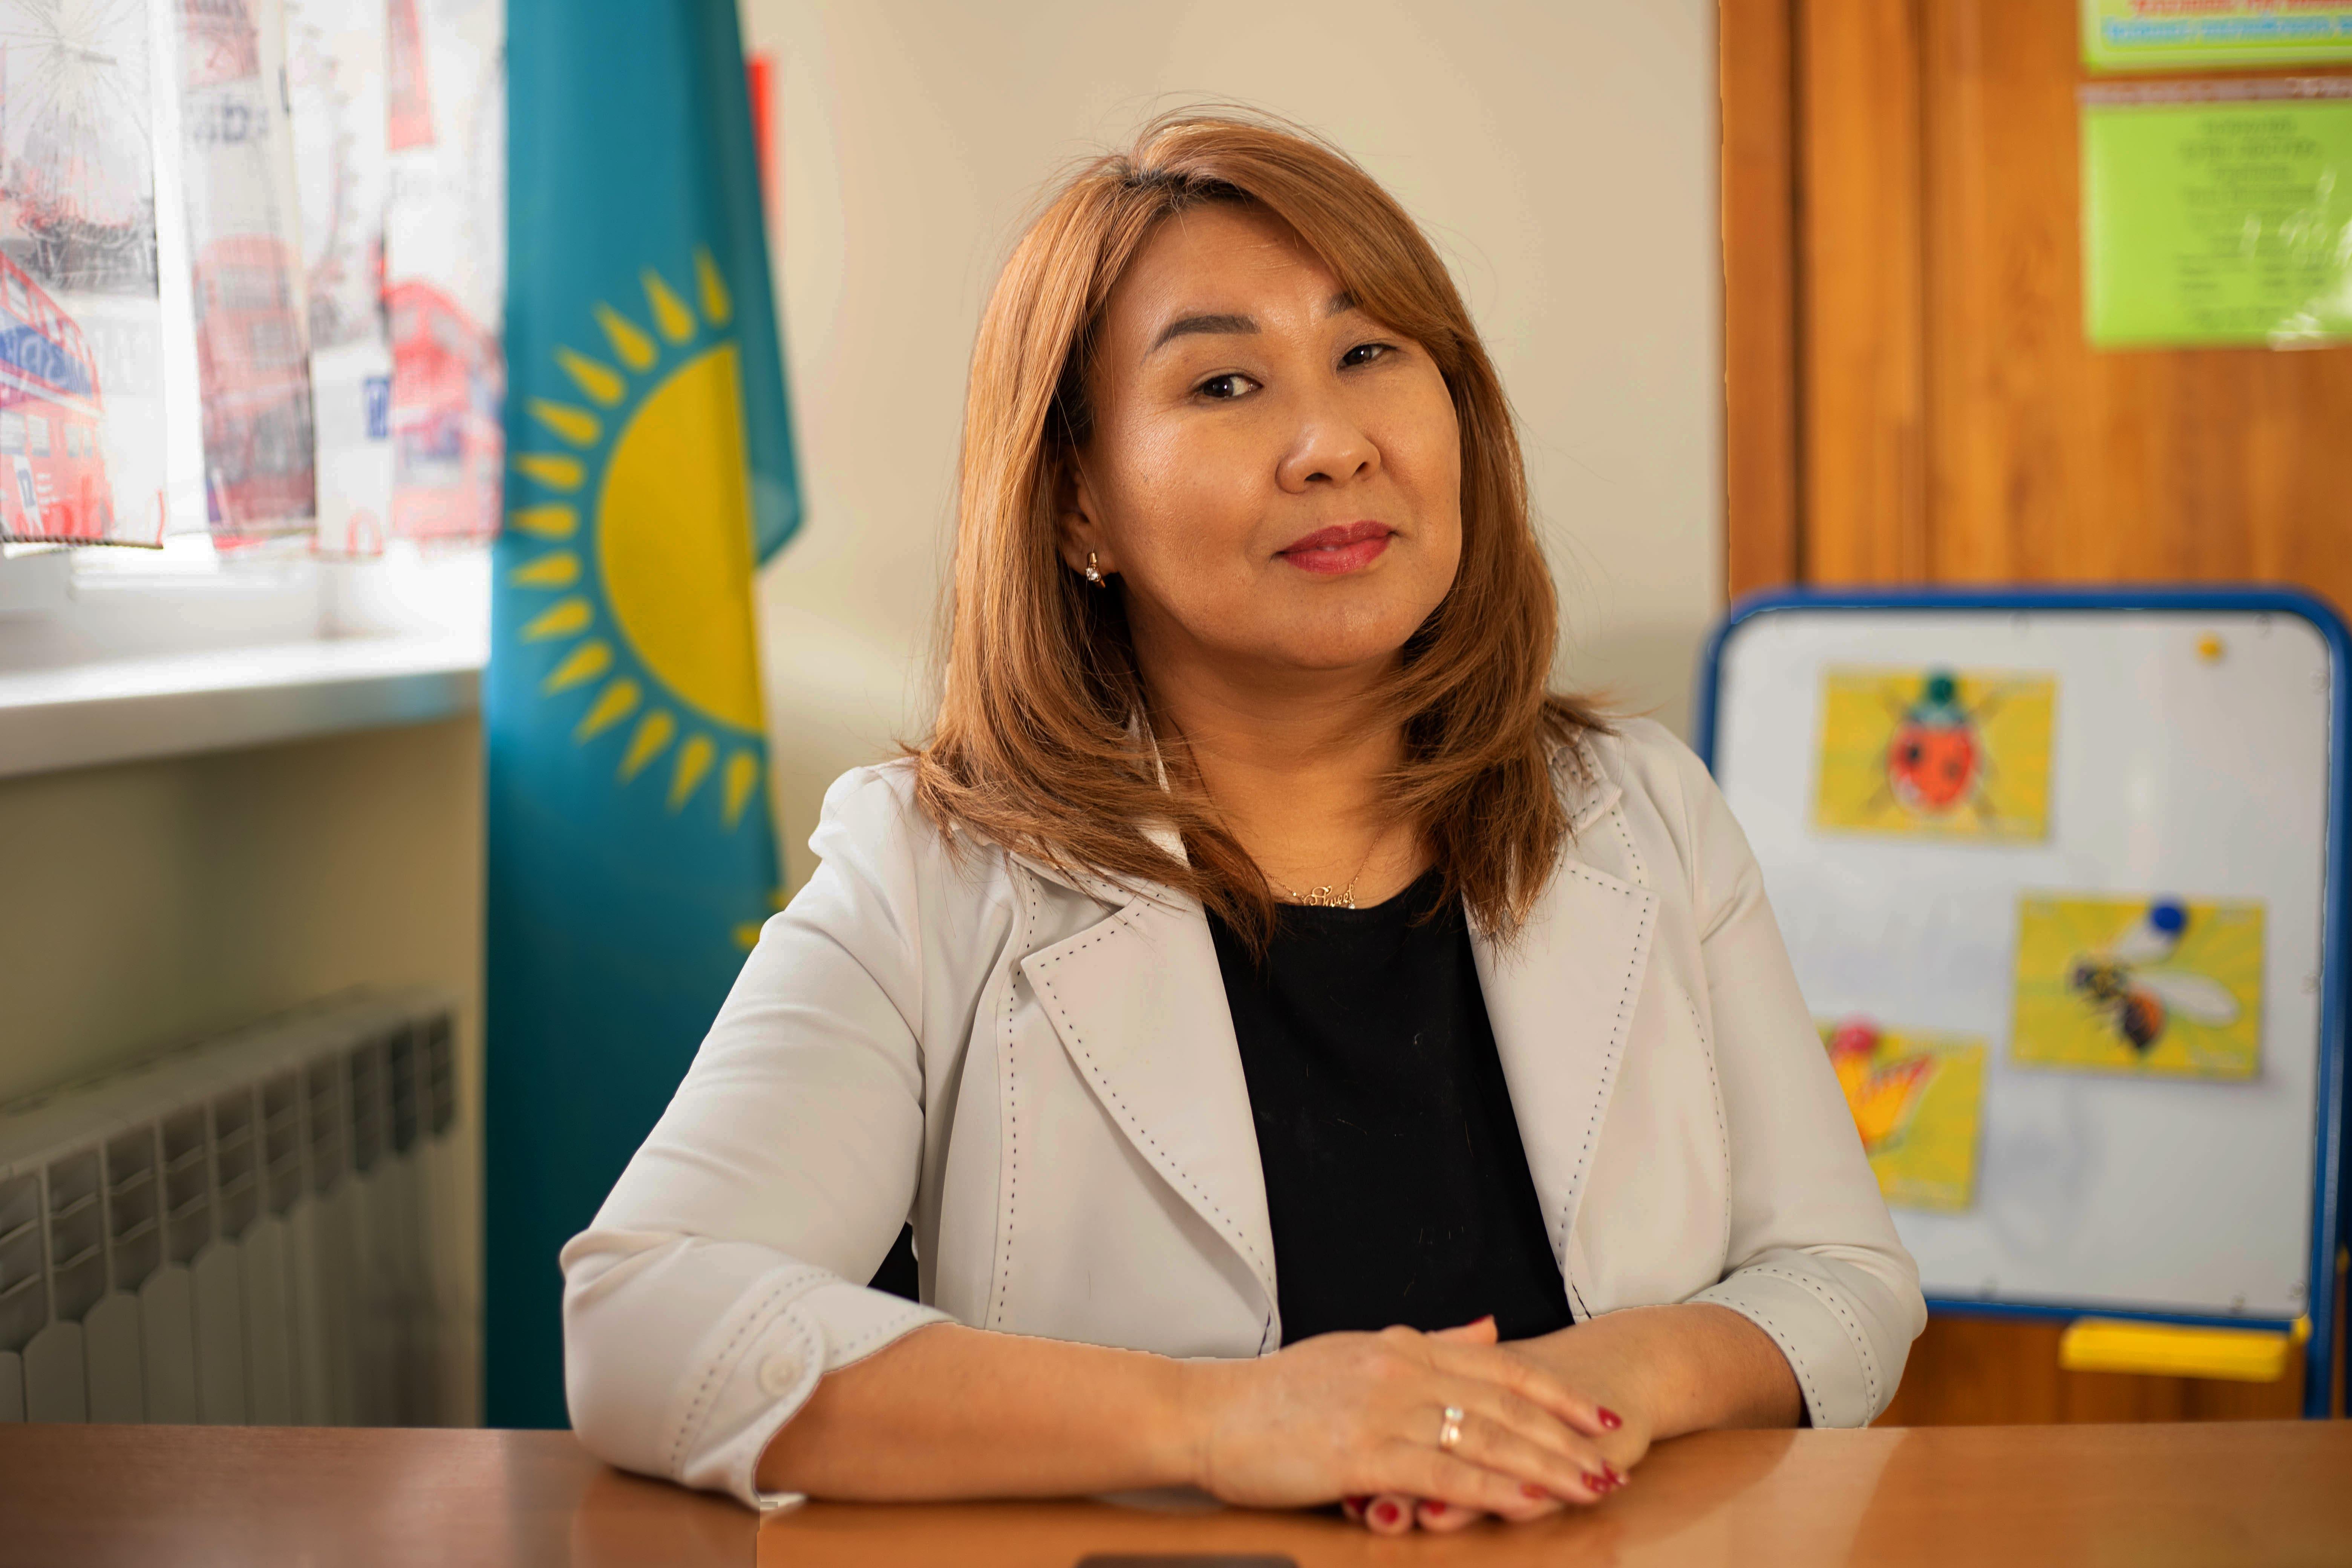 Кыстаубаева Гульчехрам Турсунжановна - Воспитатель